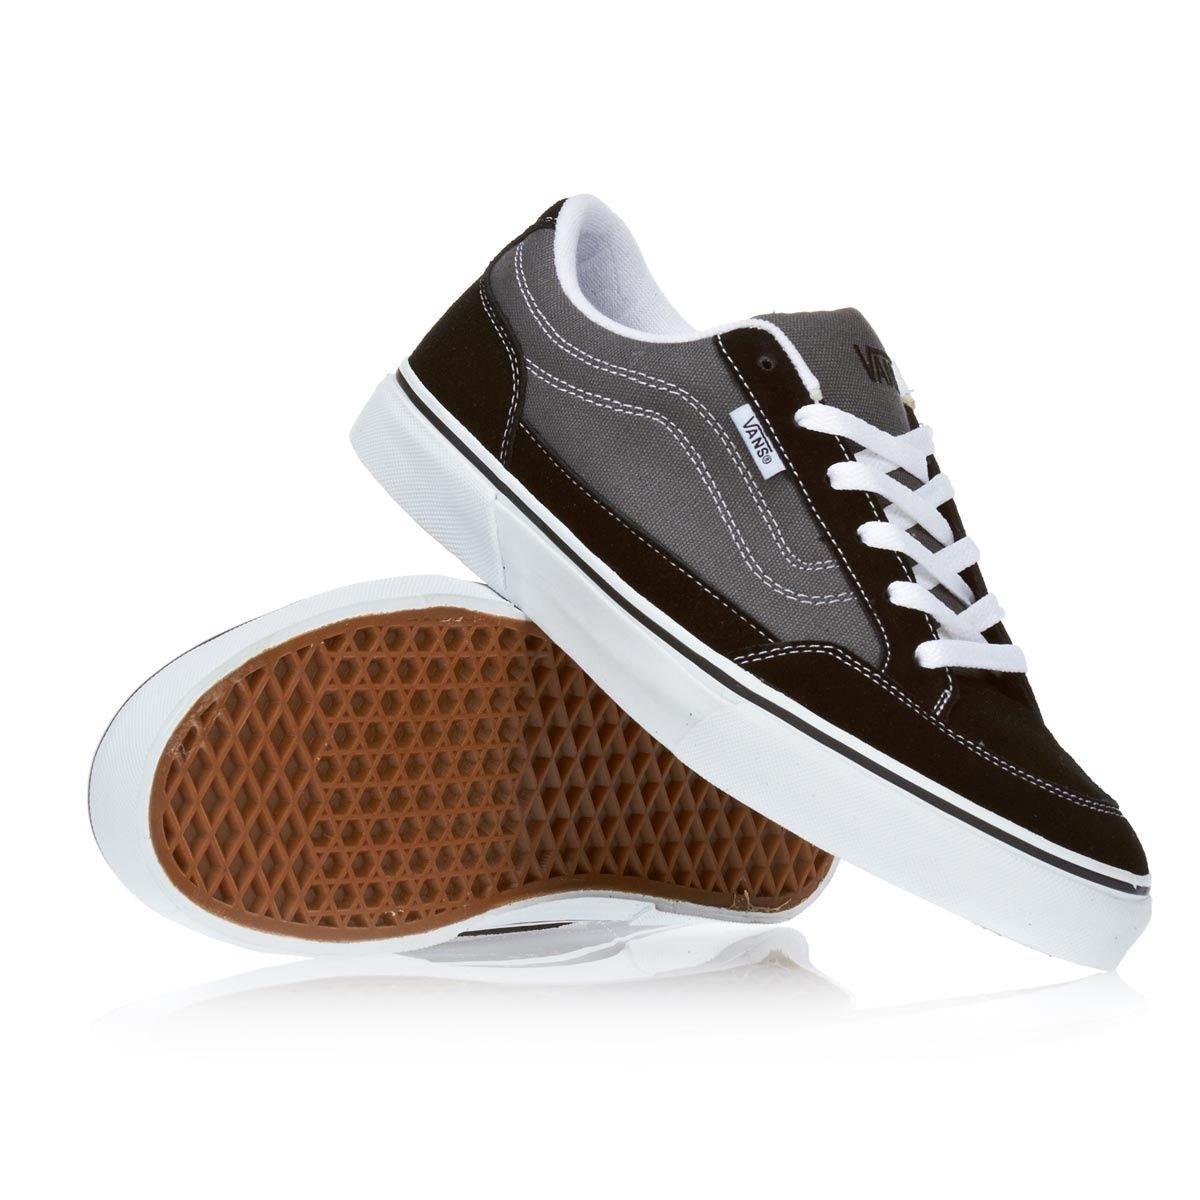 Vans Bearcat - Zapatillas de skate para hombre, color negro, talla 43: Amazon.es: Zapatos y complementos